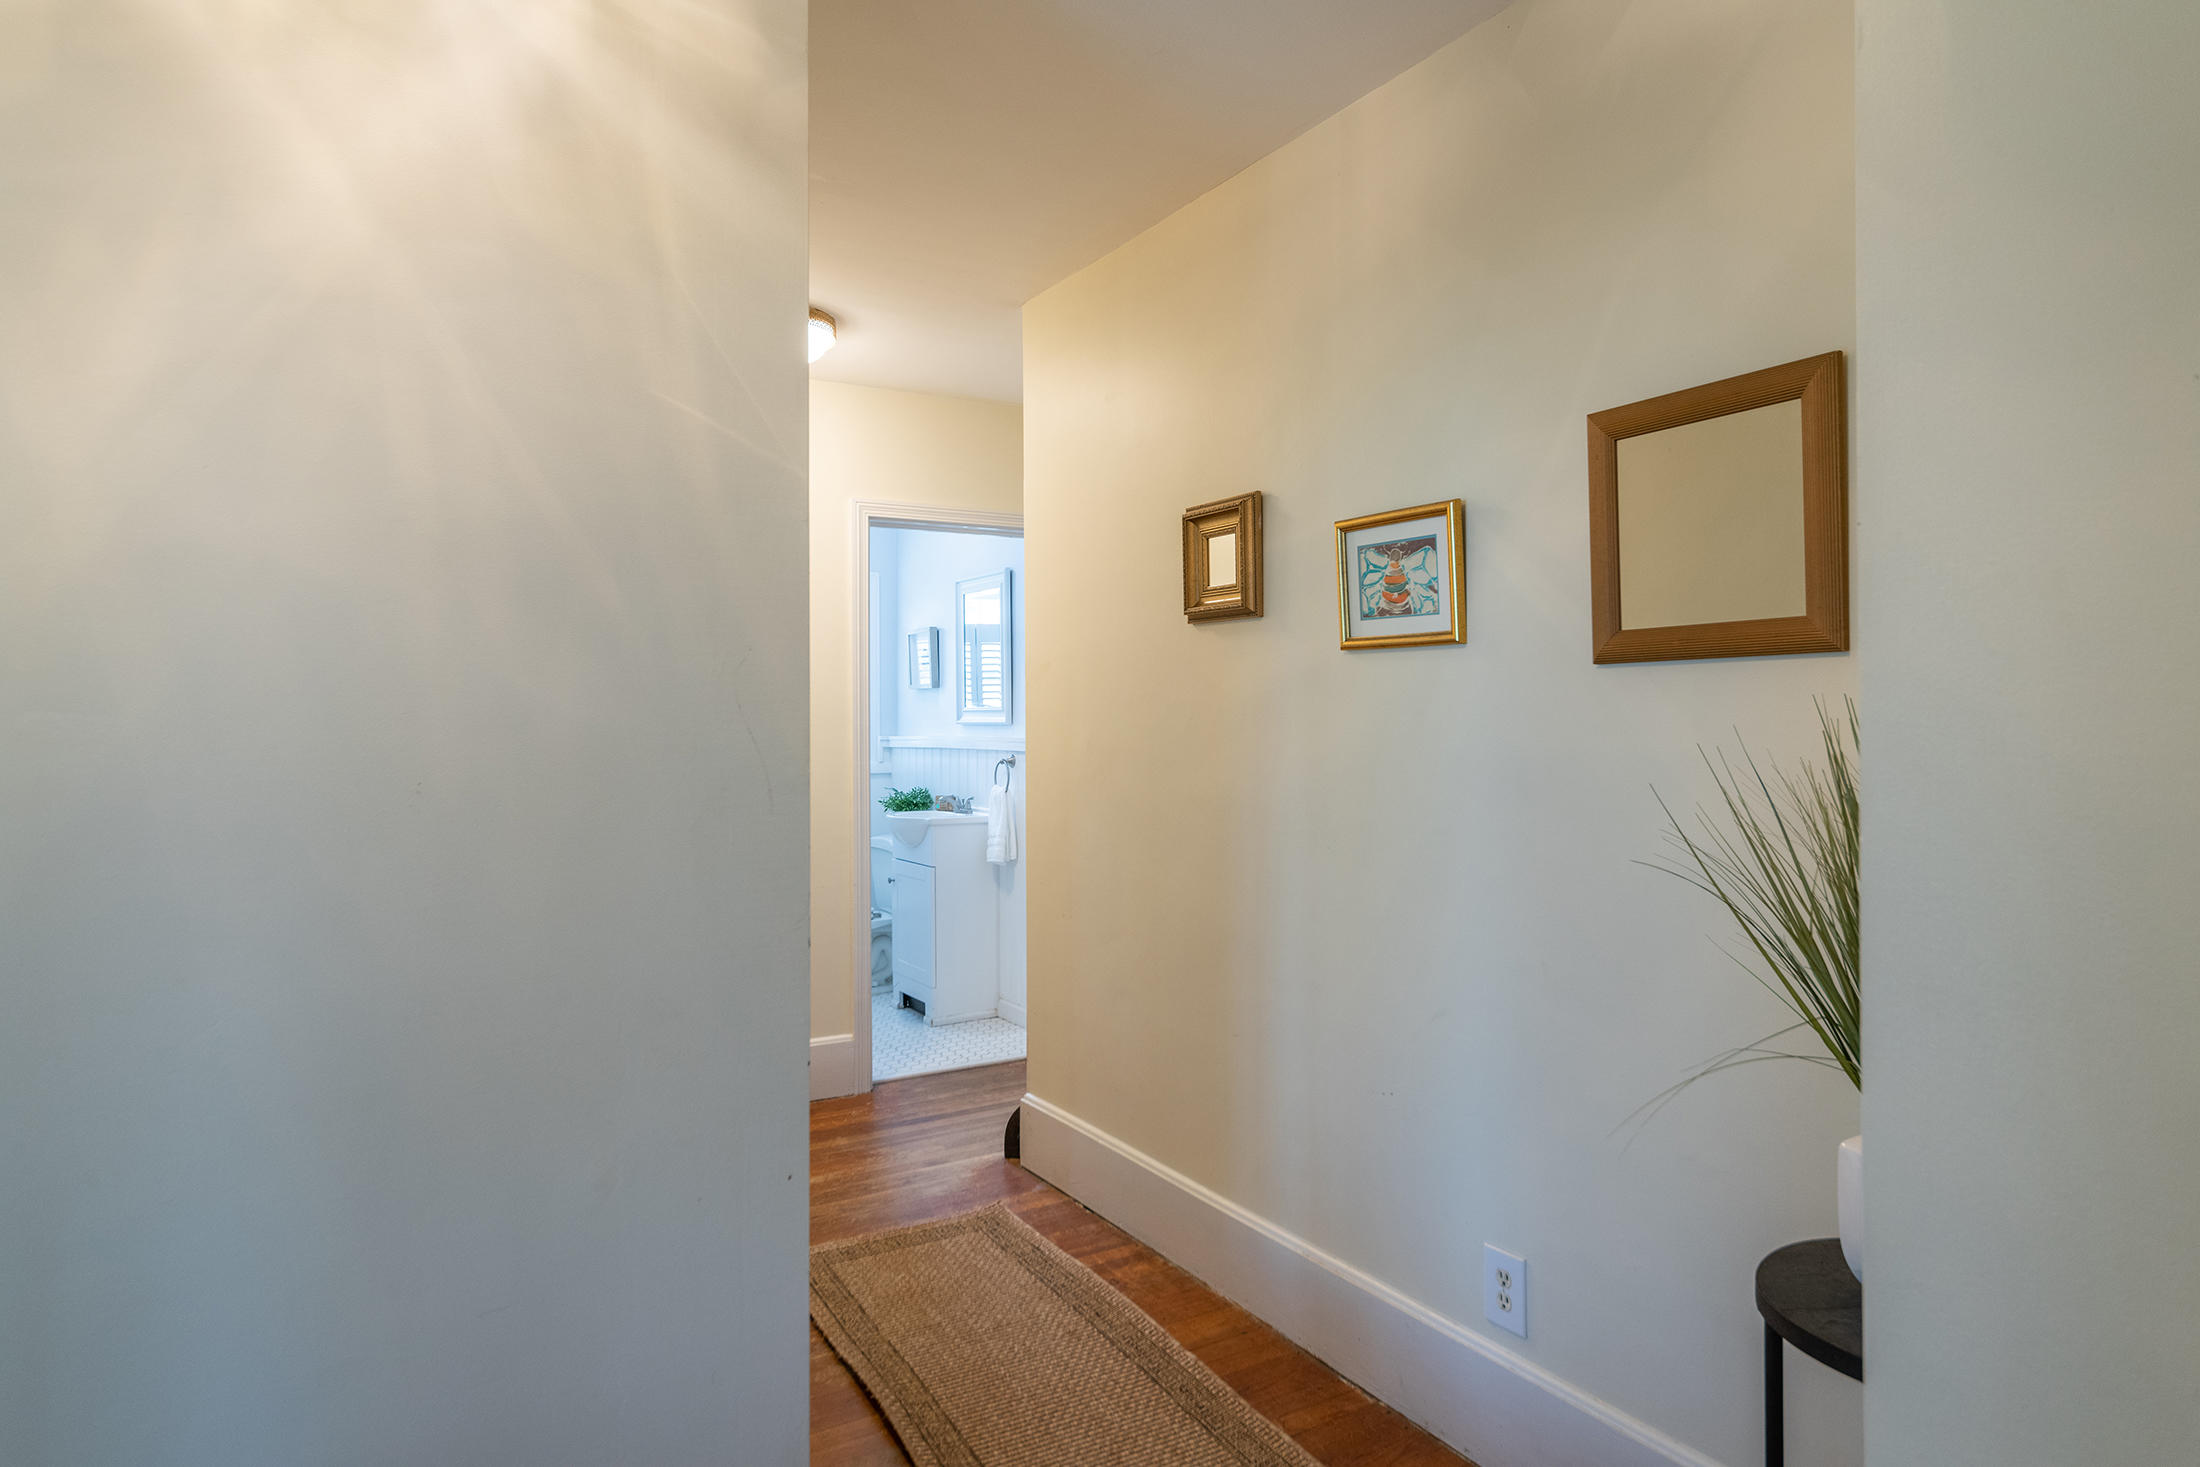 2004 Berkeley Circle, Port Royal, 29935, 3 Bedrooms Bedrooms, ,3 BathroomsBathrooms,Residential,For Sale,Berkeley,21022713